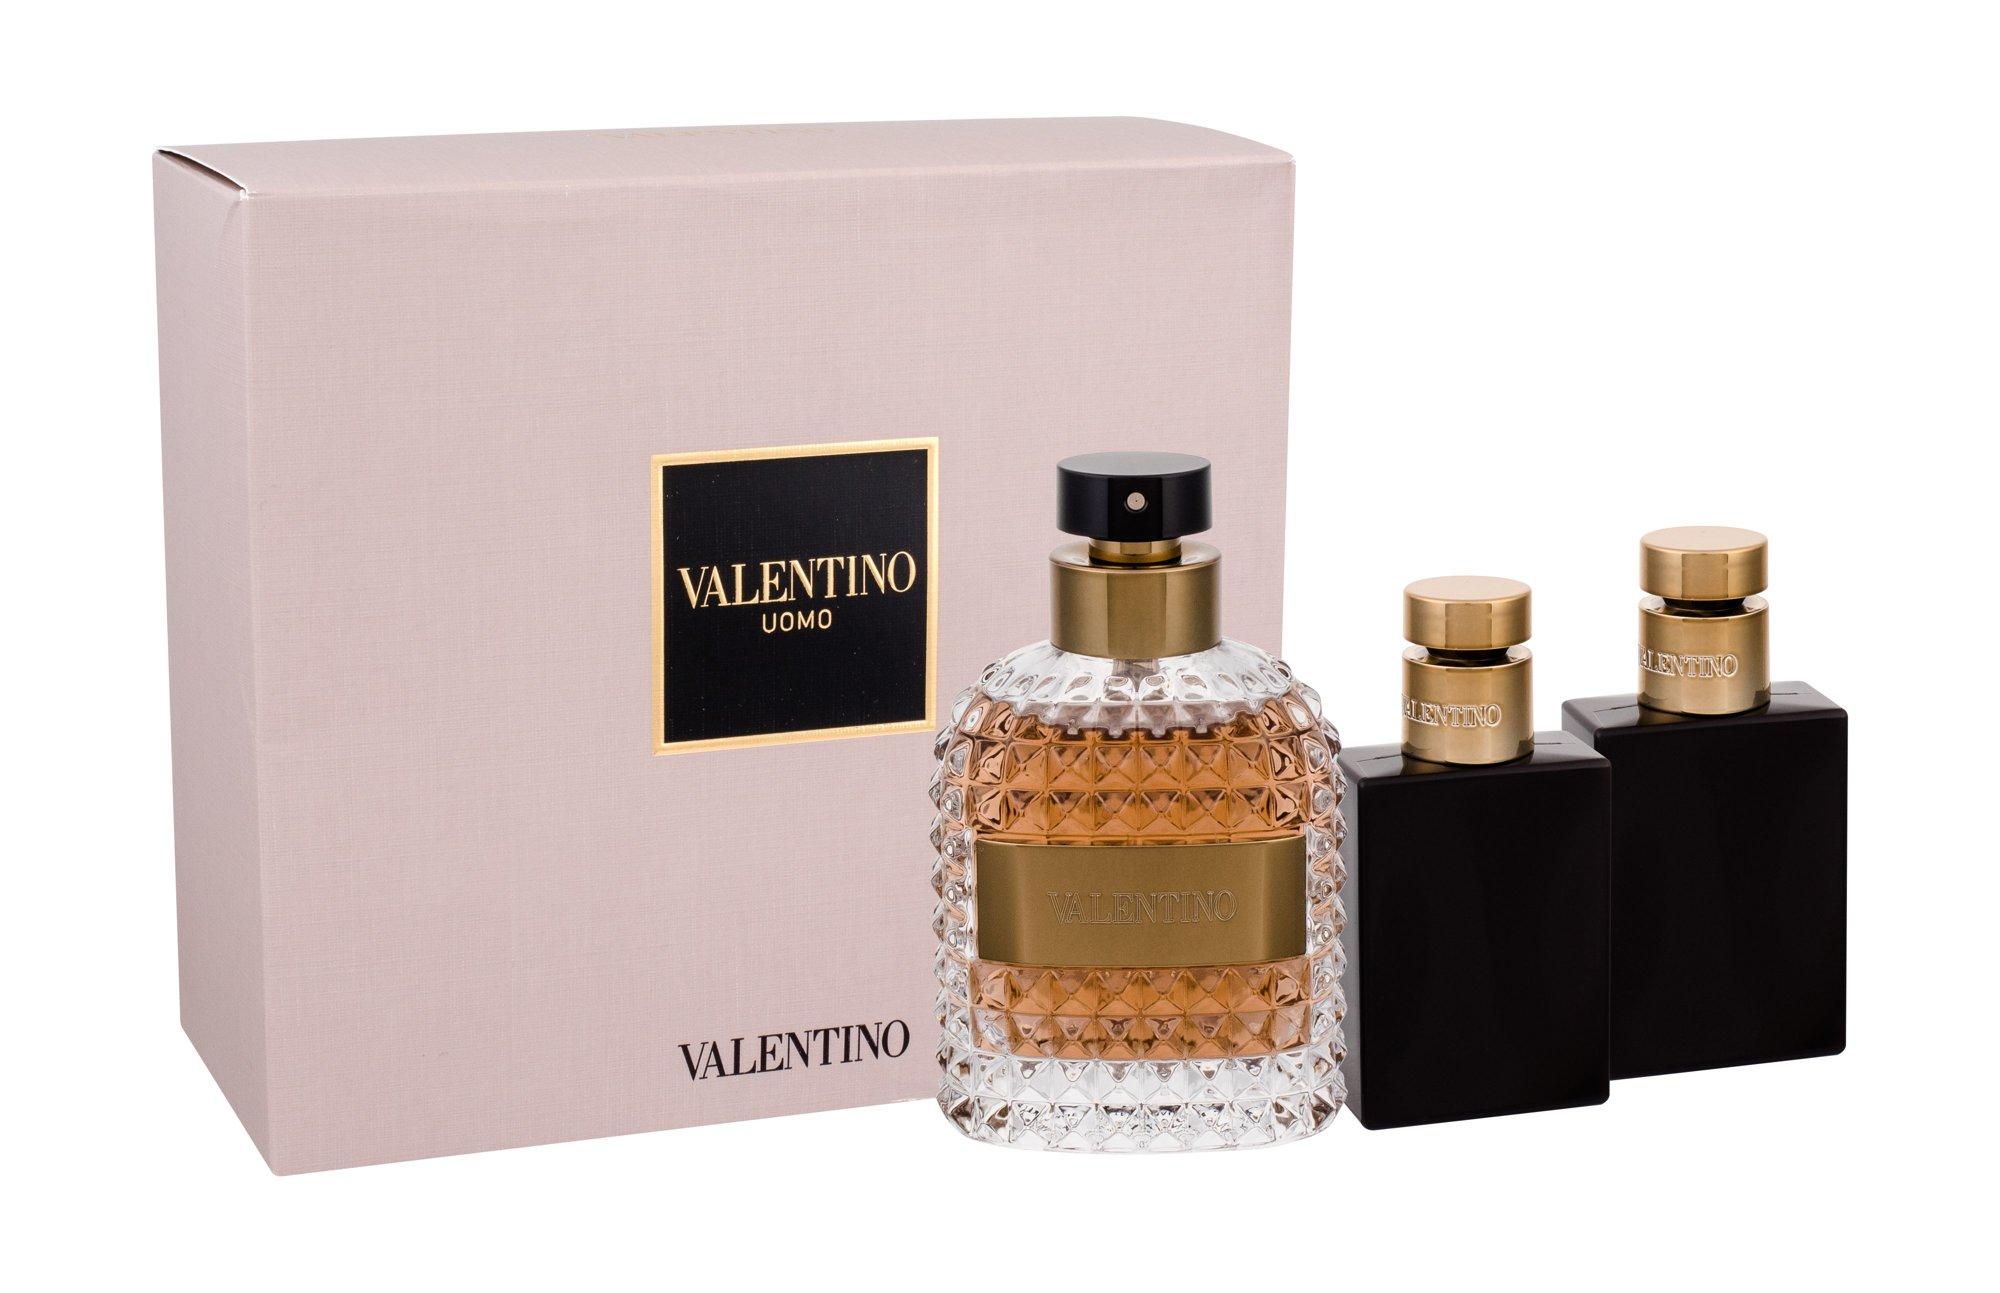 Valentino Valentino Uomo Eau de Toilette 100ml